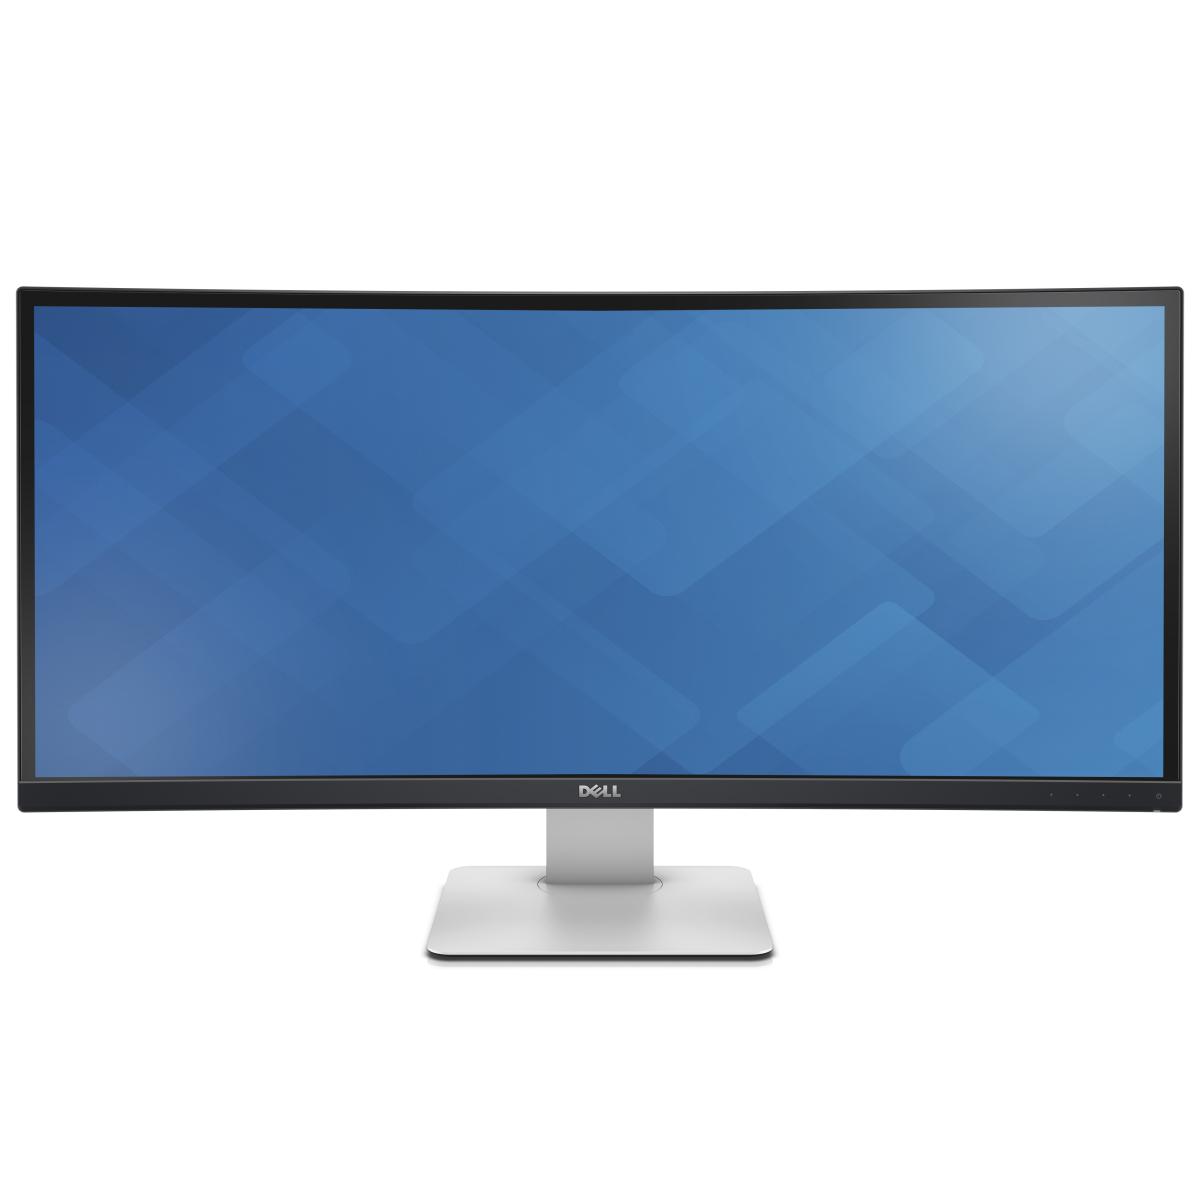 """DELL UltraSharp U3415W LED display 86.4 cm (34"""") 3440 x 1440 pixels Wide Quad HD Curved Matt Black"""